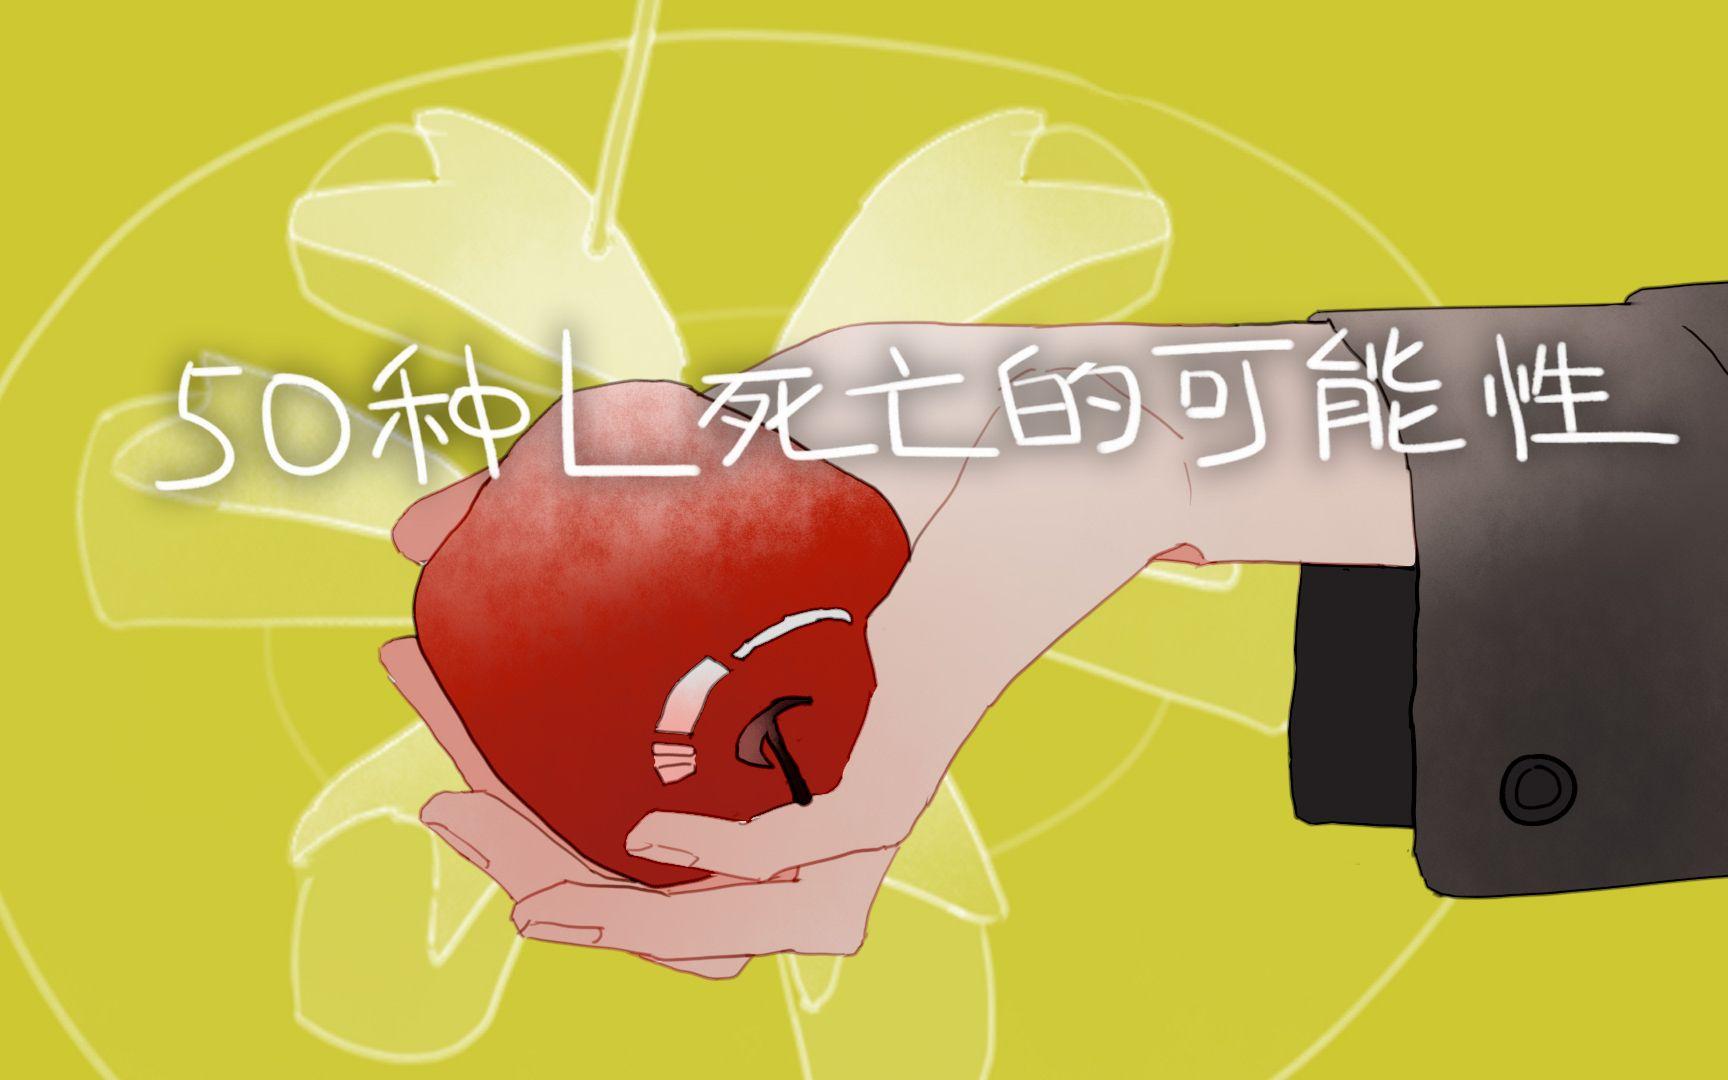 大秦帝国mp4下载_-爱哔哩(B站视频、音频mp3解析下载站)